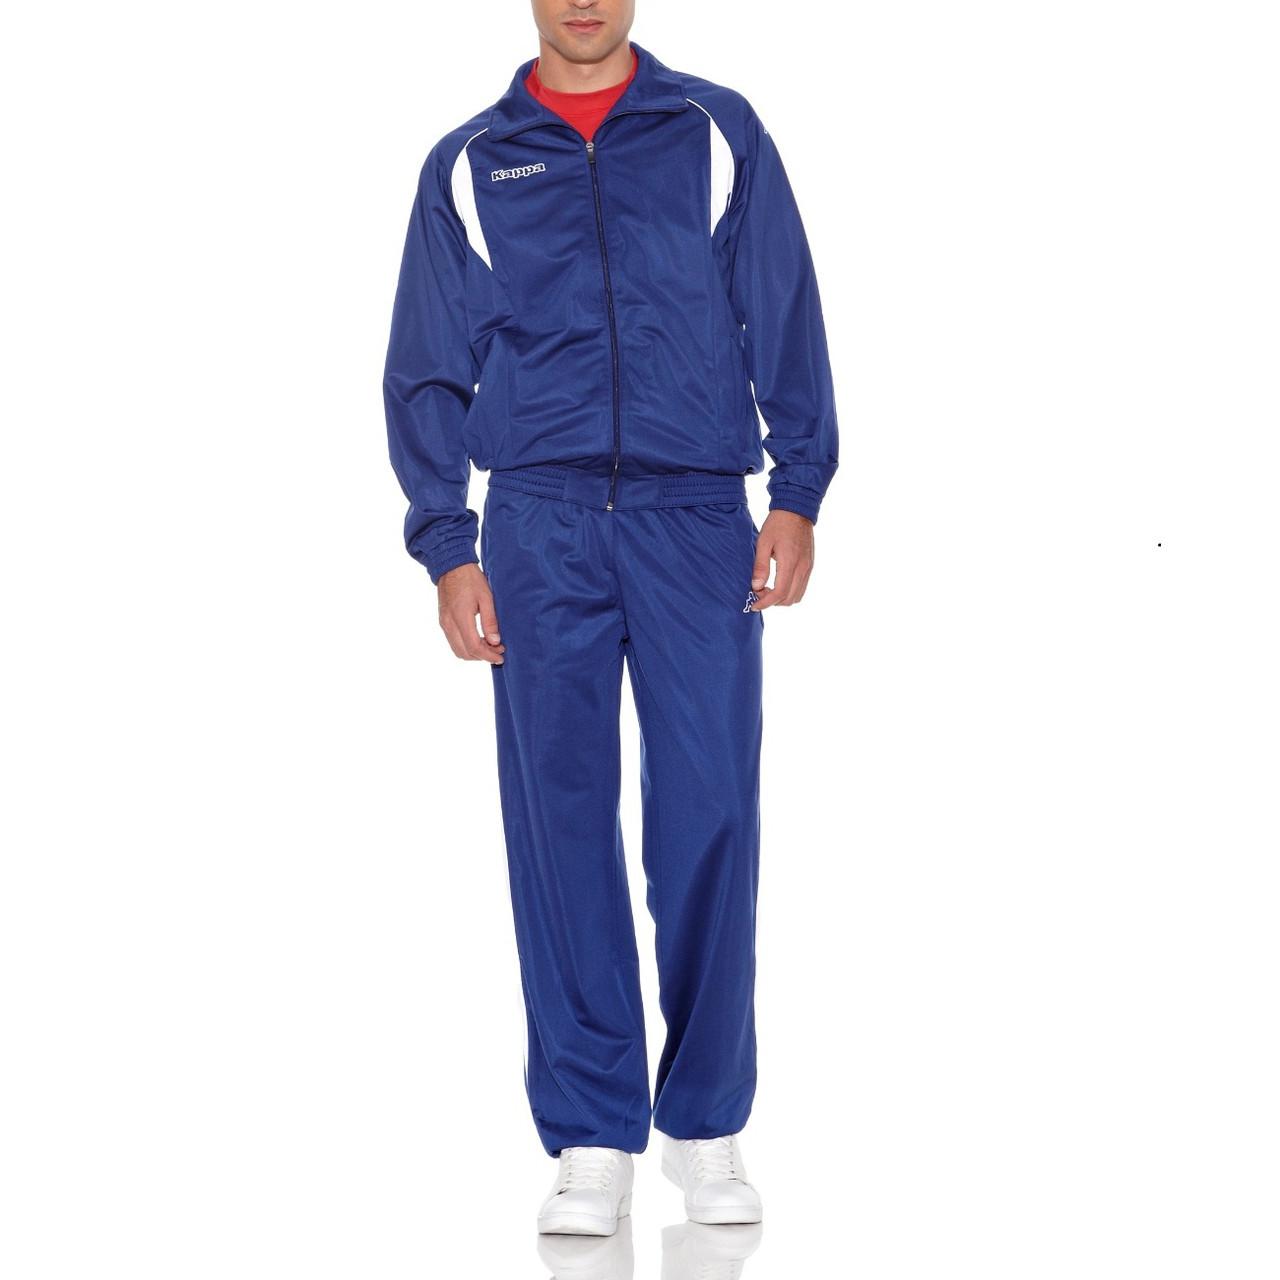 7f24d68a7337 Купить Костюм спортивный мужской Kappa Old School 3001A16 902 (синий,  эластик, для тренировок, ...